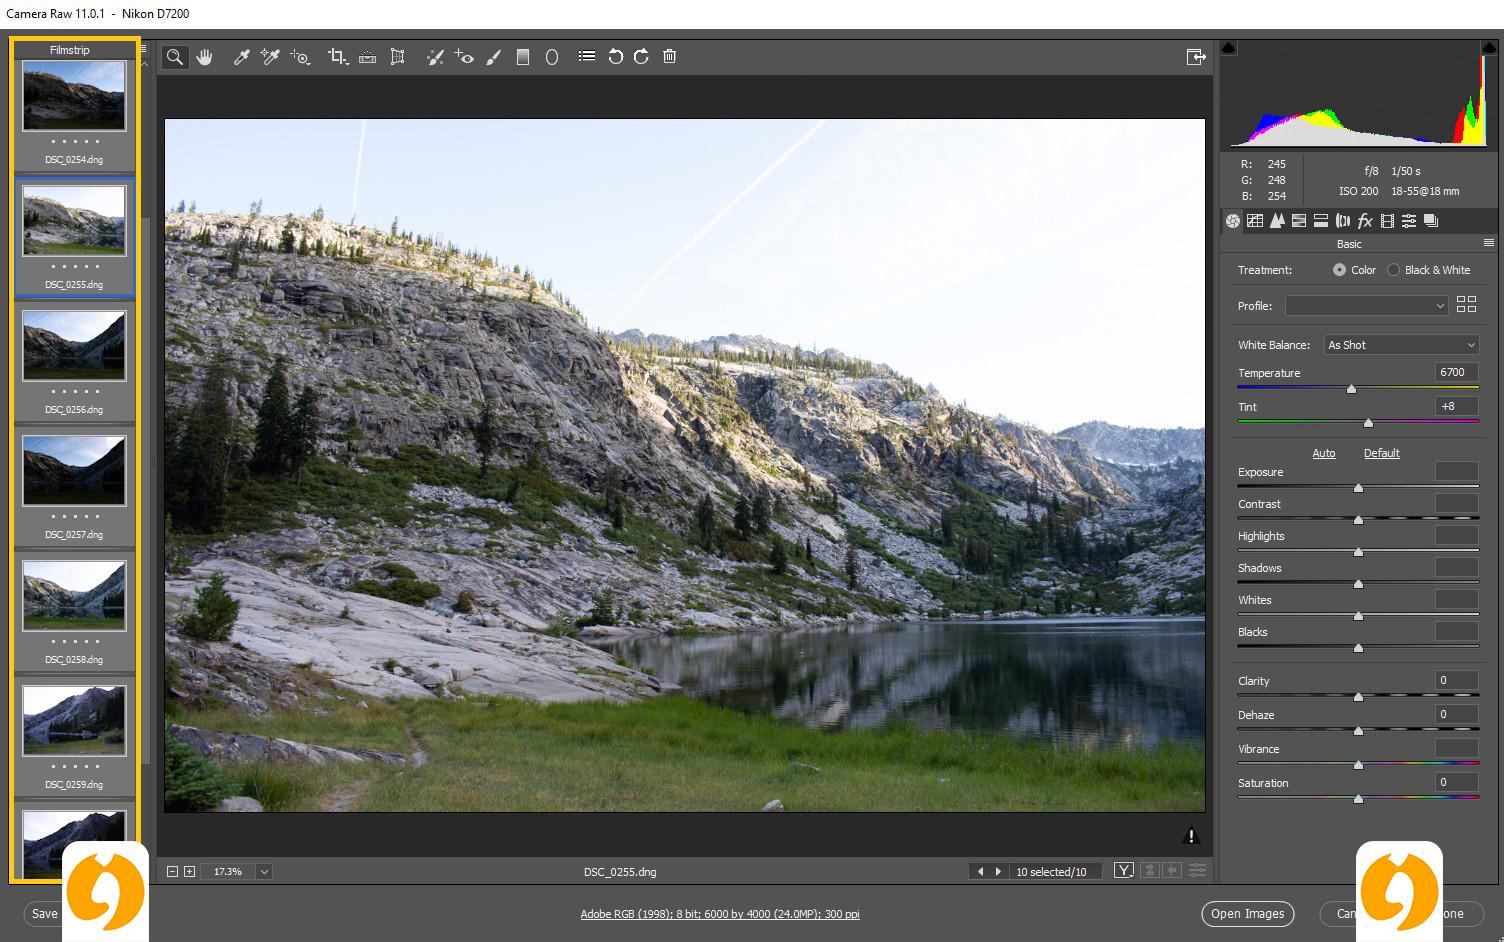 نرم افزار Adobe Camera Raw